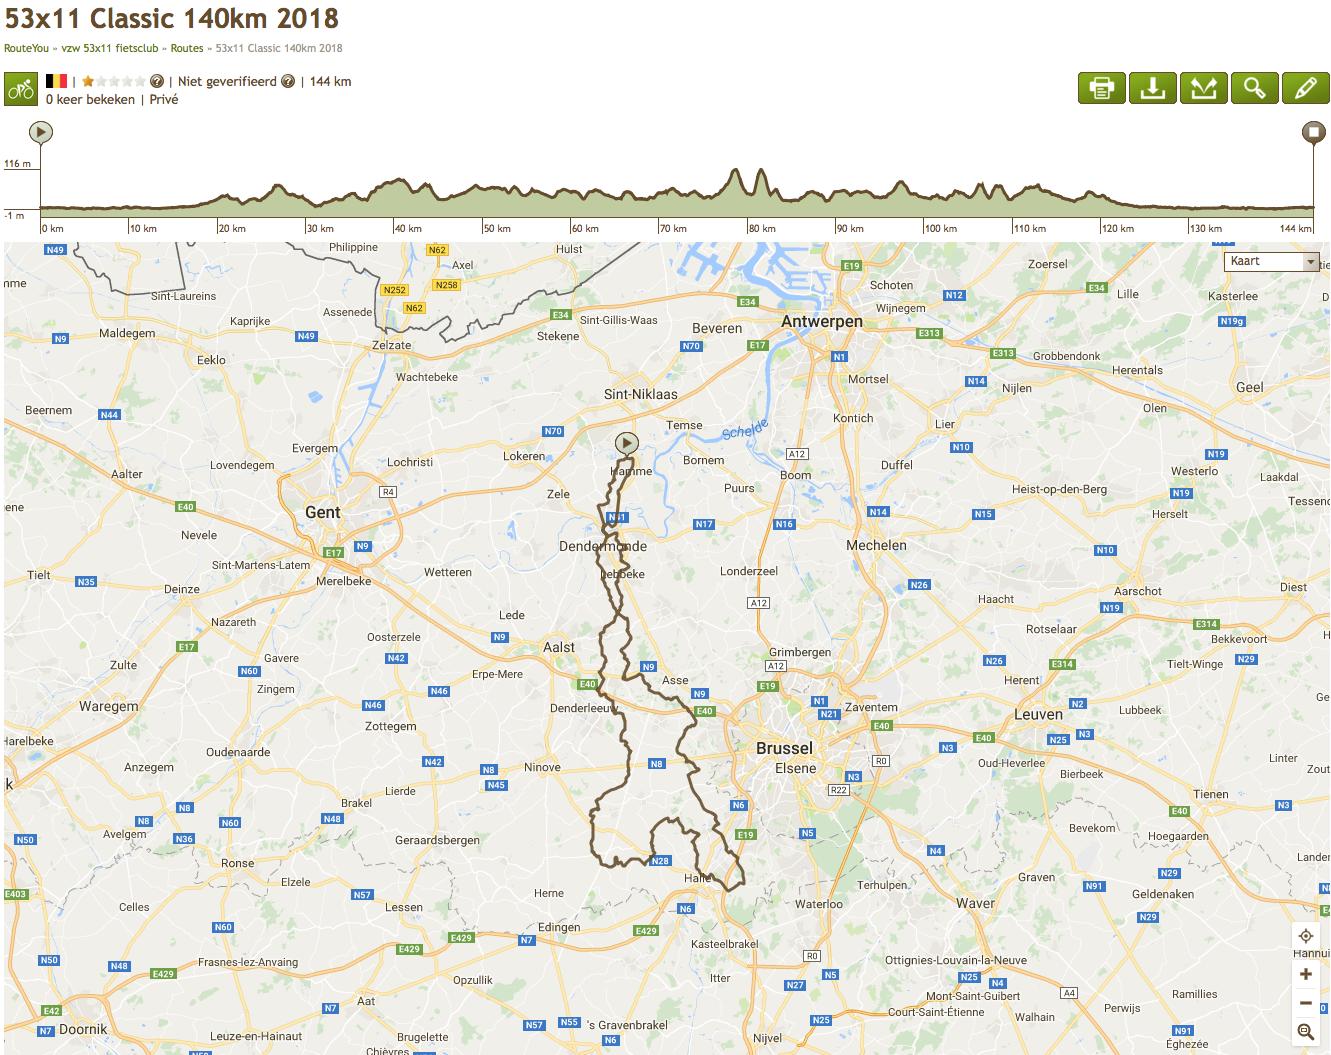 53x11 Classic 140km 2018